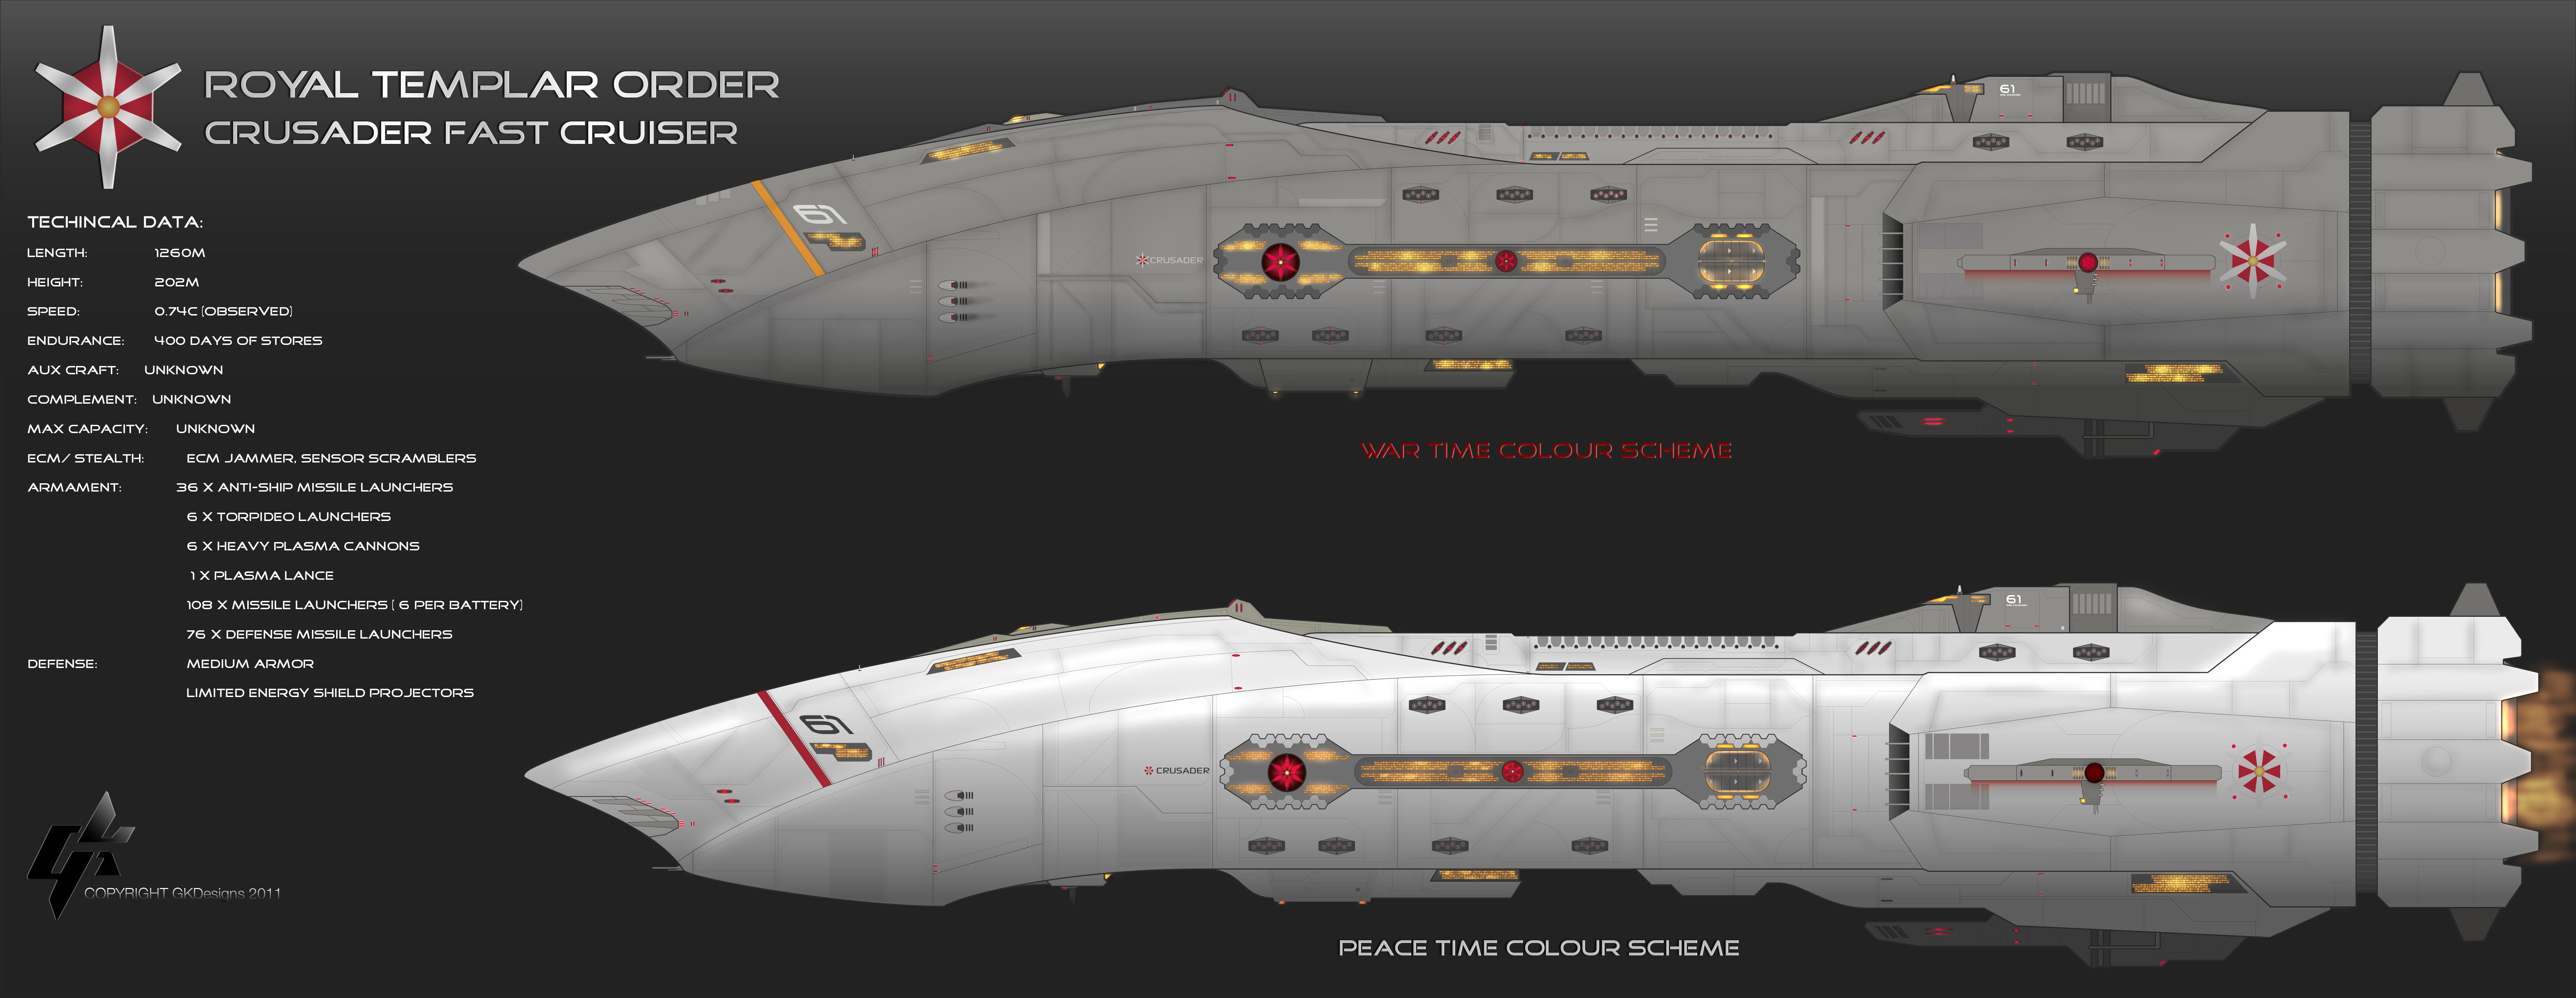 Crusader Class Cruiser by Galen82